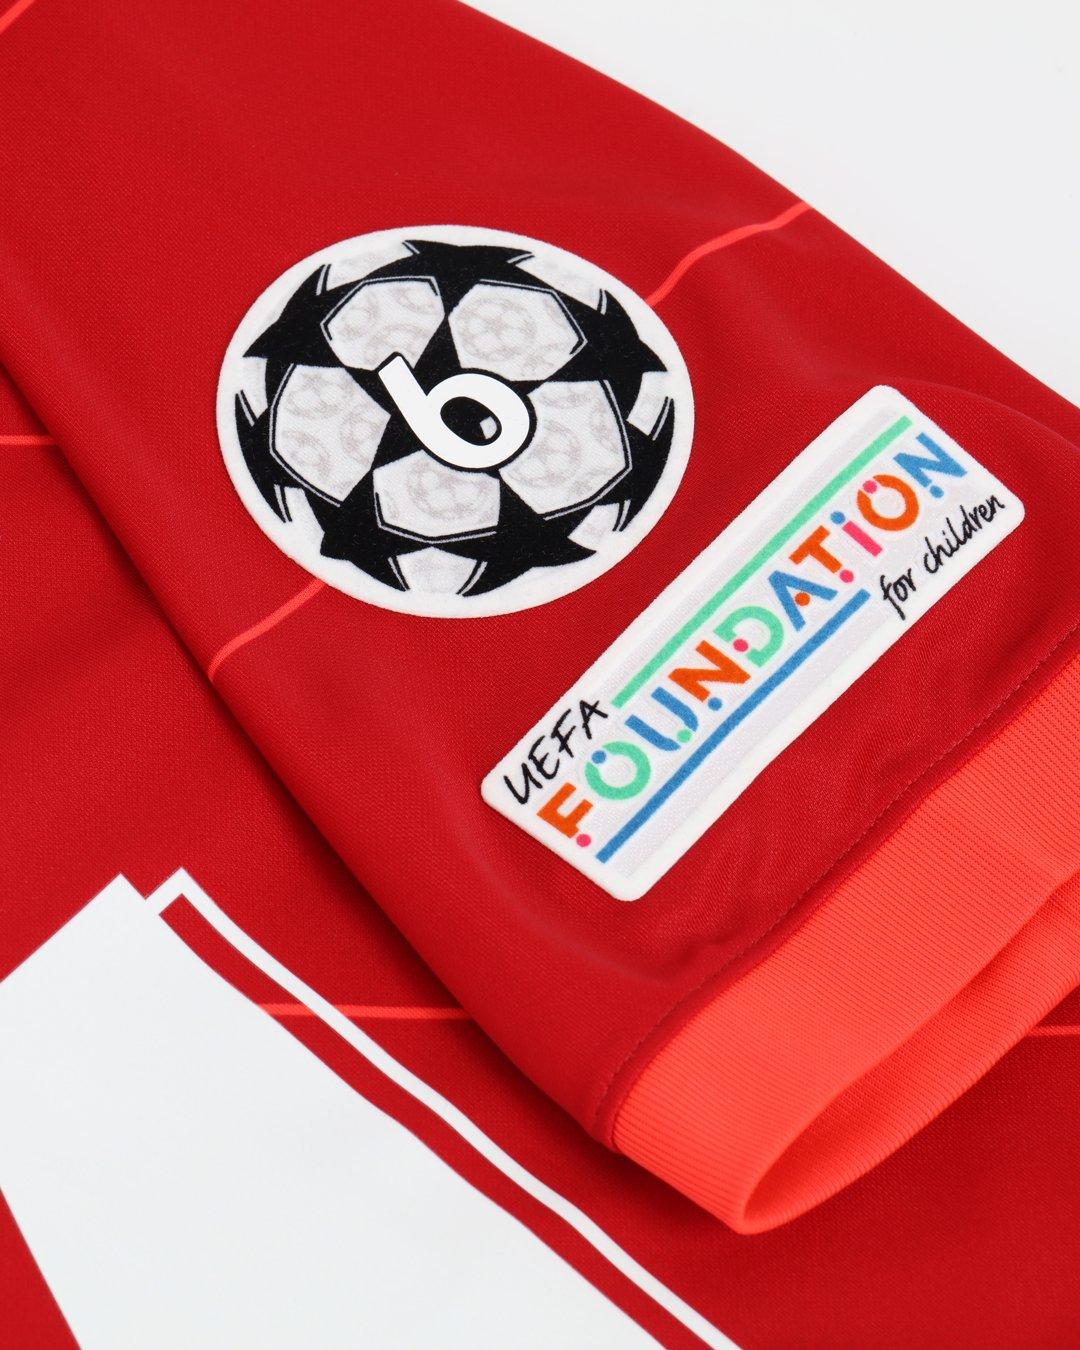 Nouveau badge Champions League 2021-2022